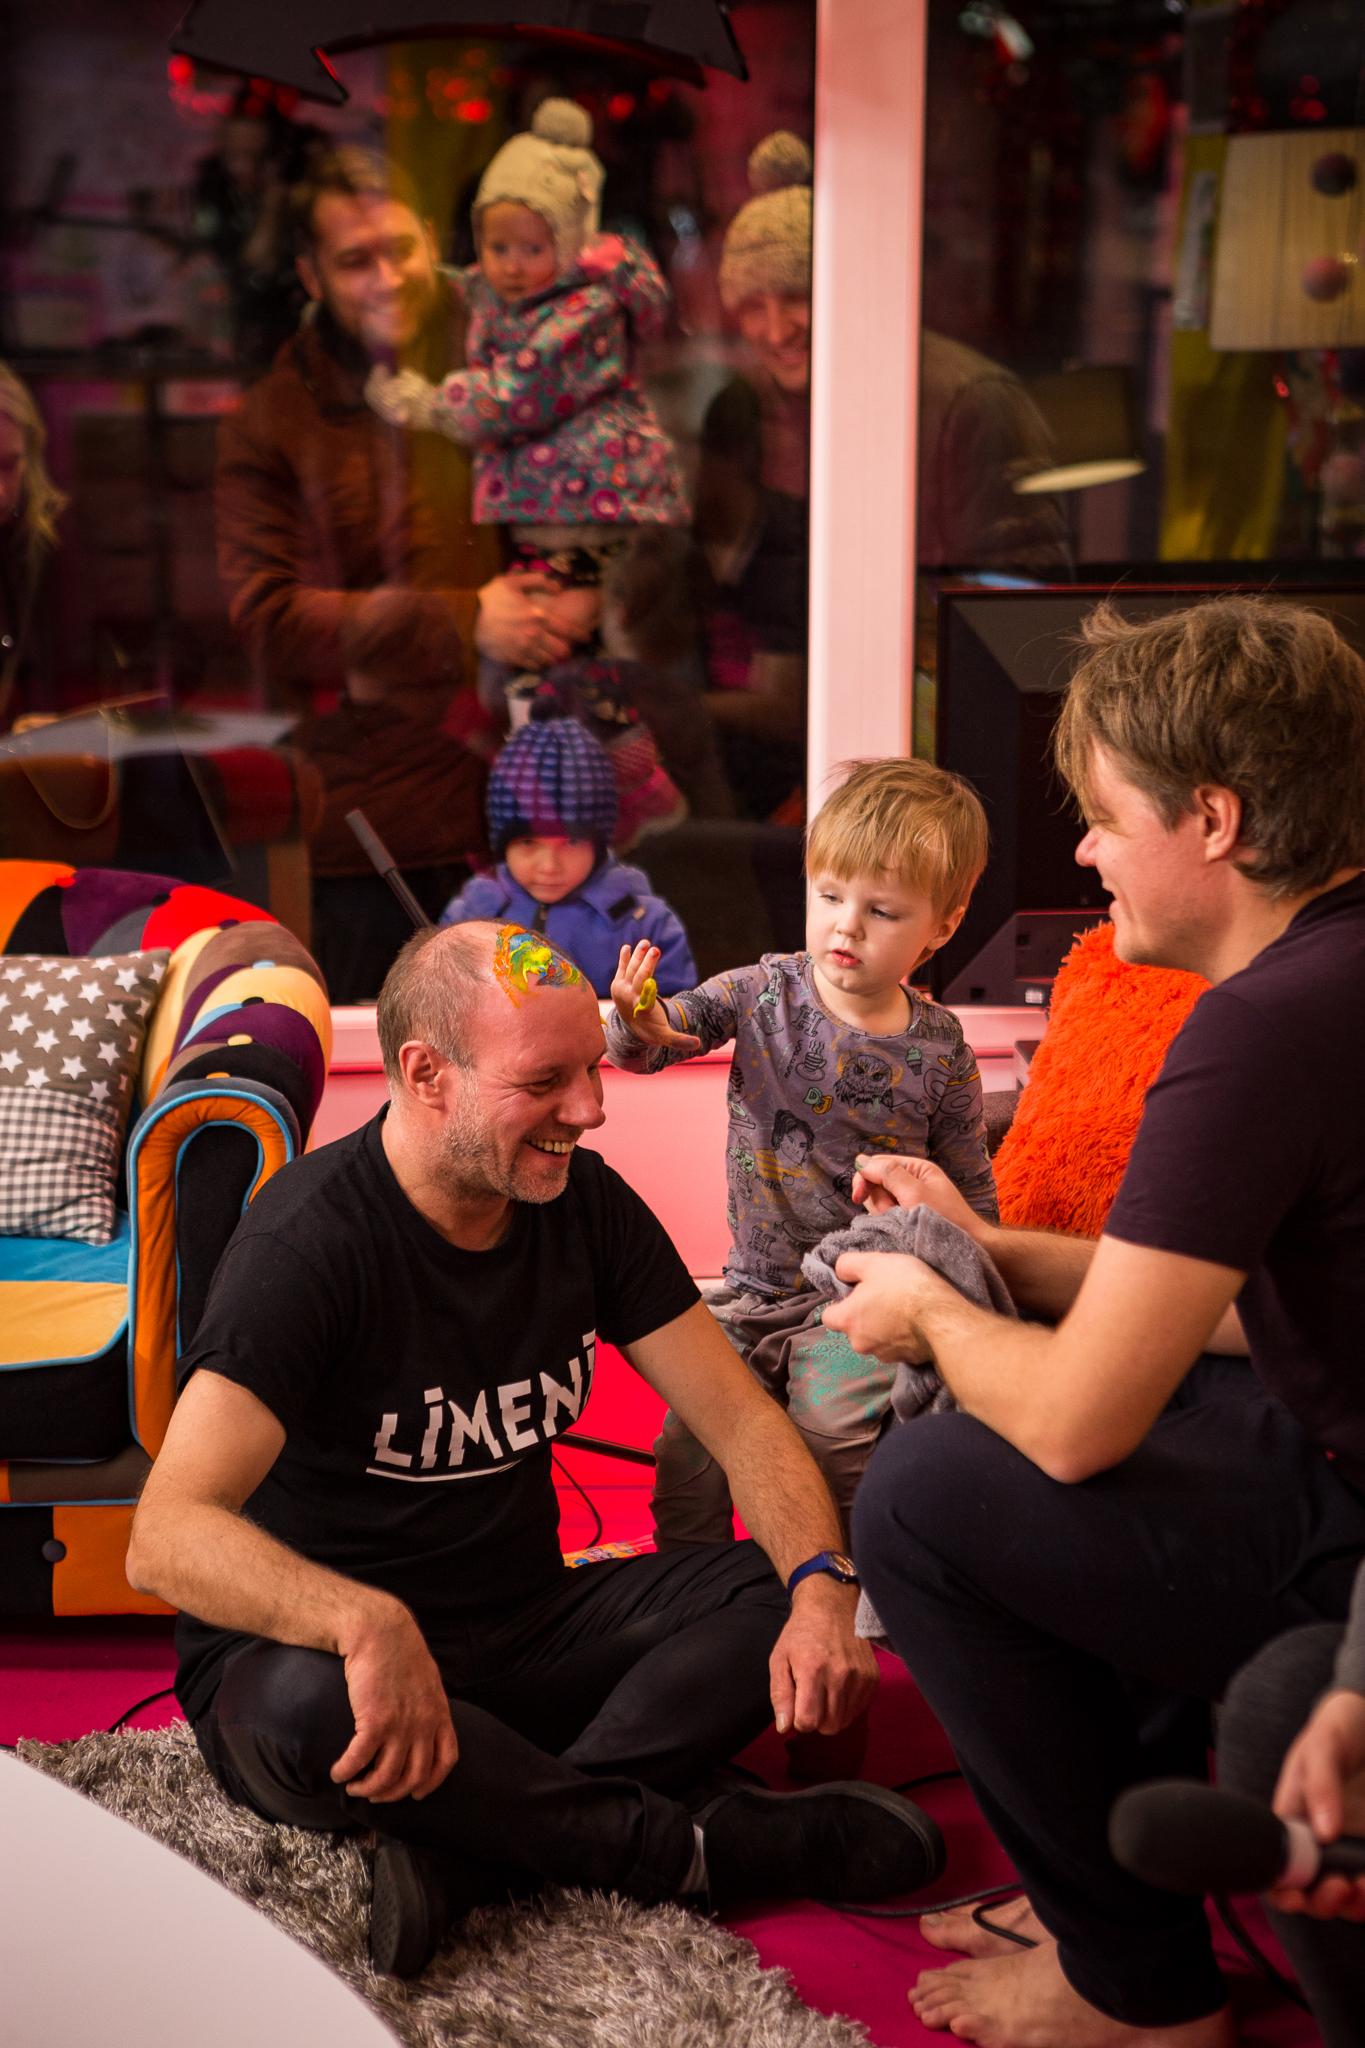 """""""Dzīvības koks"""" nometnēs sievietes, kas zaudējušas matus pēc ķīmijterapijas, tiek aicinātas uzdrīkstēties palūkoties uz to mazliet rotaļīgi, un ļaut bērniem vai mazbērniem apzīmēt kailo galvu ar pirkstiņkrāsām. Evertam šodien paveicās - varēja apzīmēt galvu pašam Artim Volfam!"""